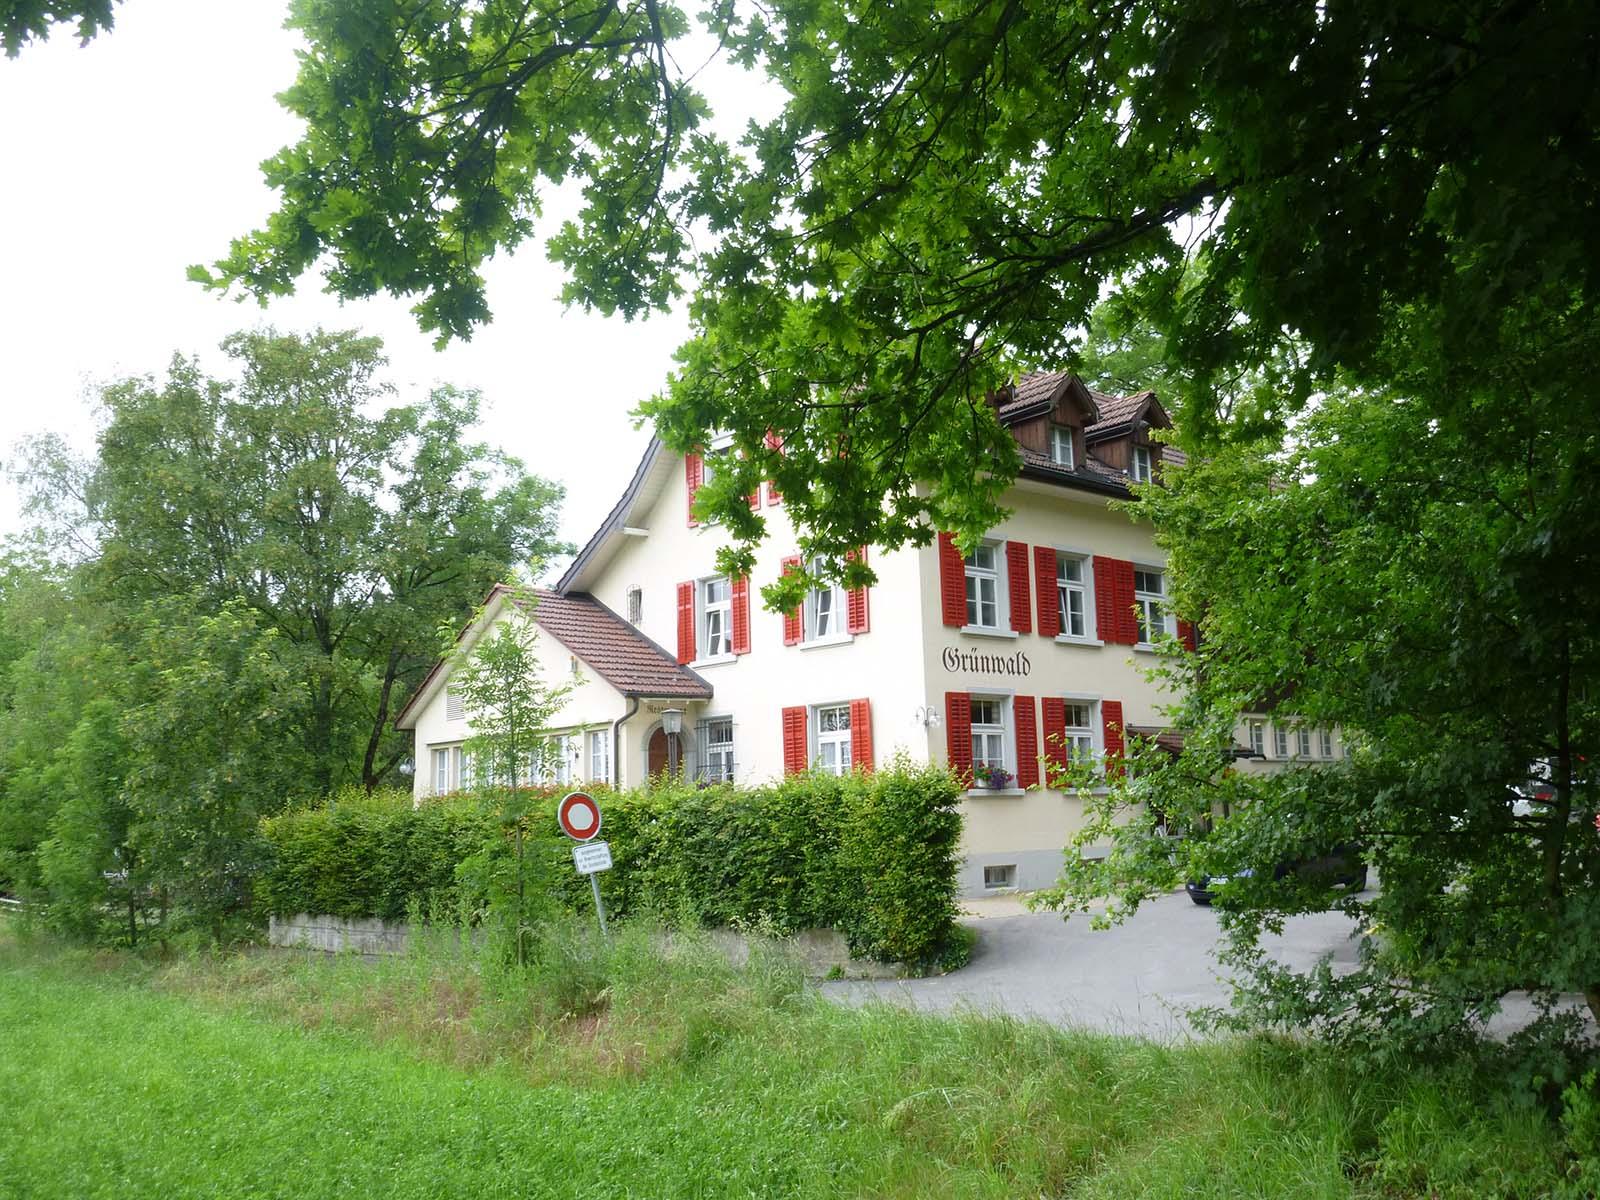 """Das Restaurant Grünwald bietet vorübergehend über Mittag warme Mahlzeiten für """"Büezer*innen"""" an."""